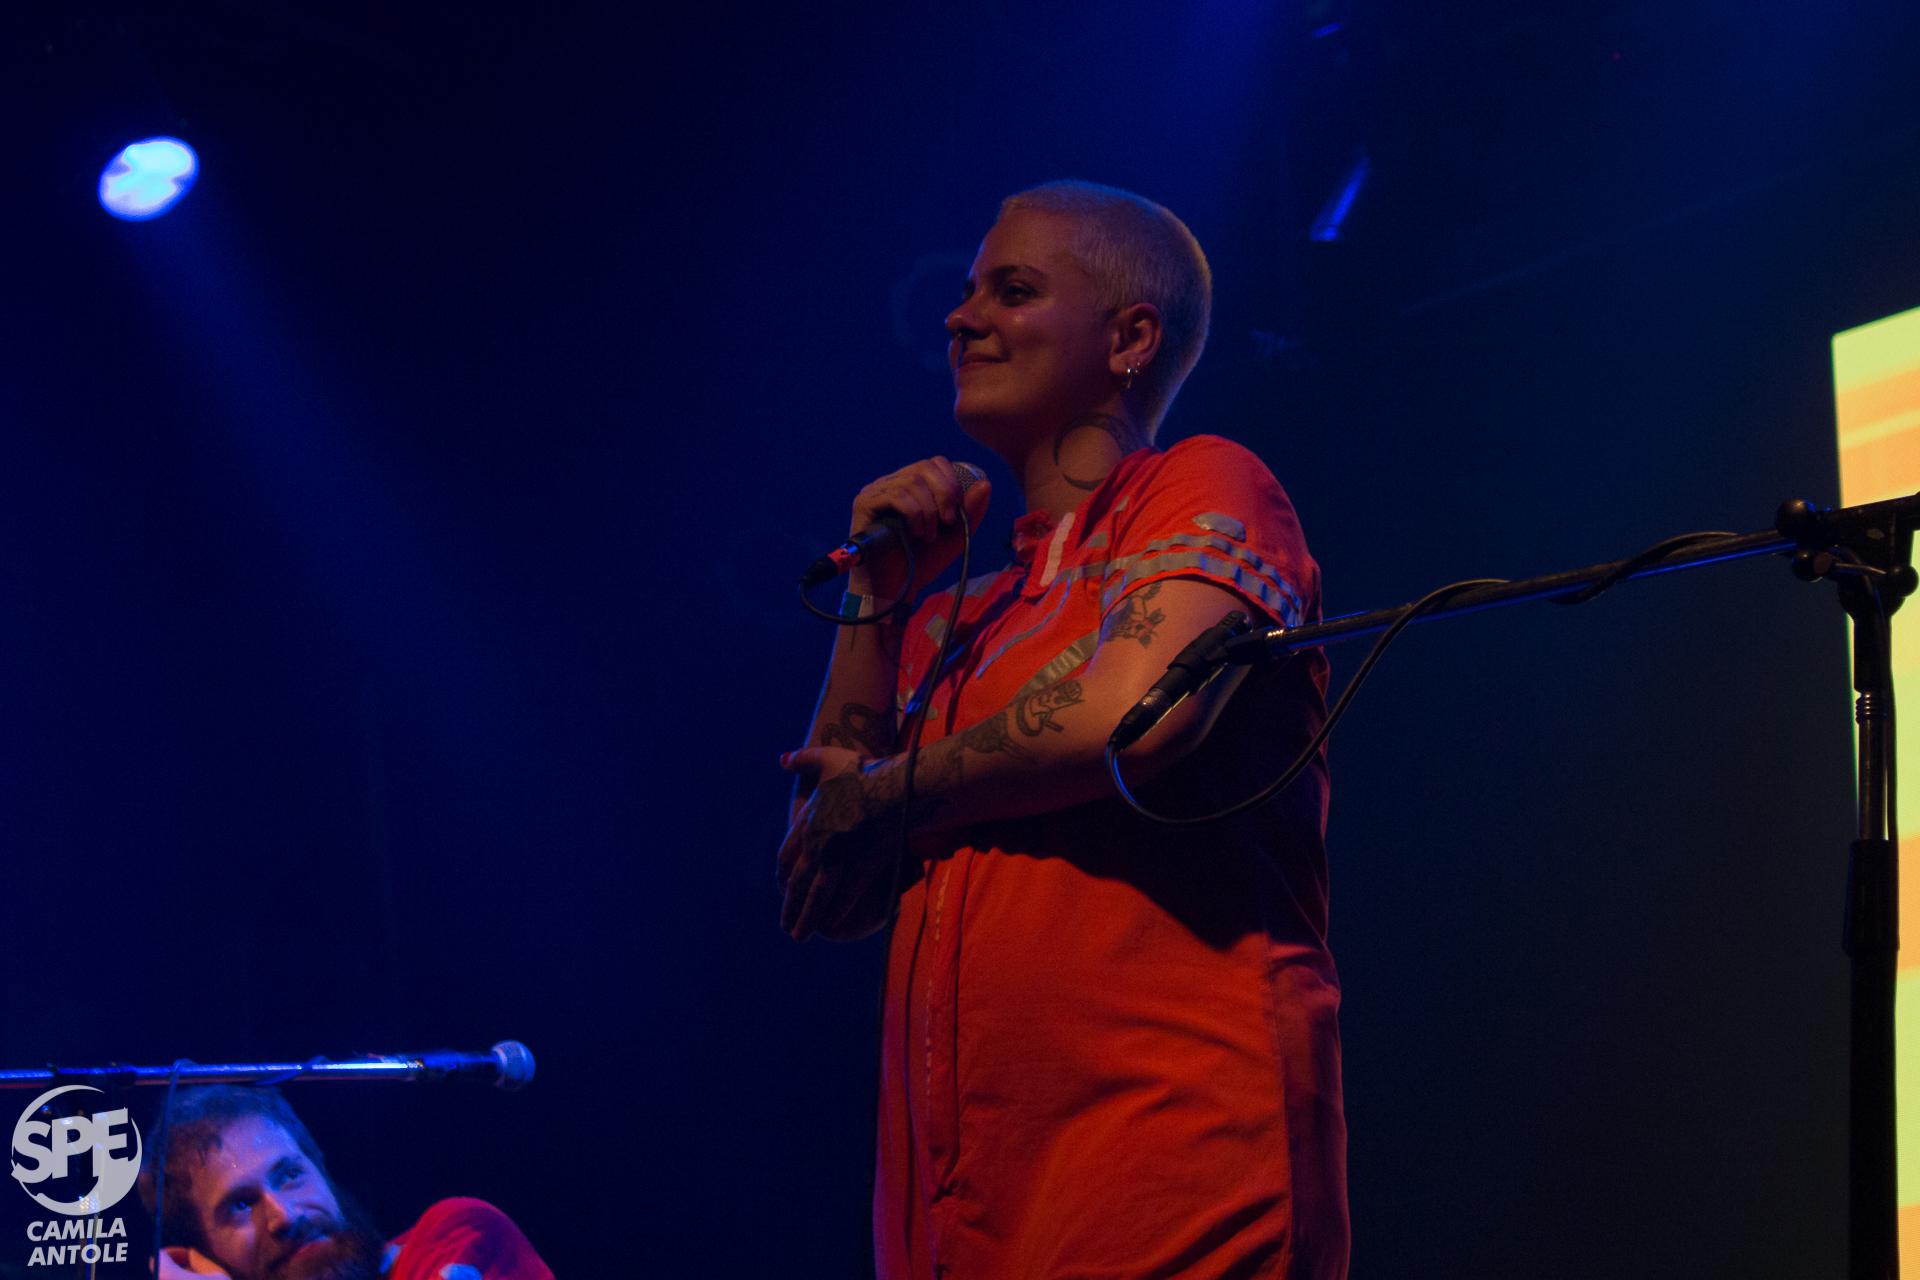 Francisco el Hombre se presentó en Niceto Club, Buenos Aires, Argentina, el miercoles 28 de Agosto de 2019. La noche estuvo compartida junto a  las artistas Paula Maffia y Lucy Patane. 28 de Agosto de 2019.Foto de: Camila Ledesma